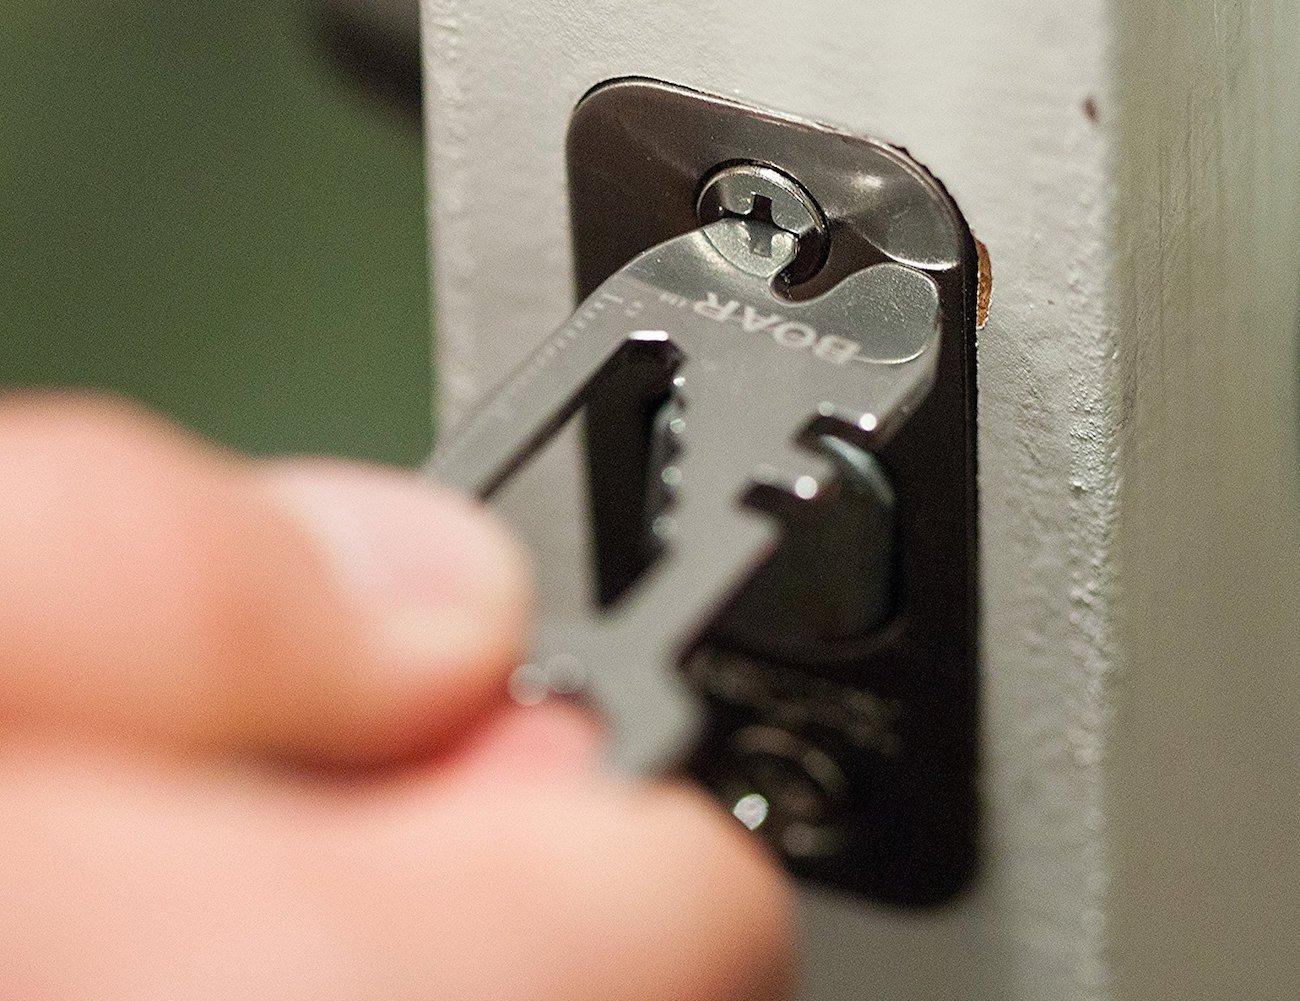 Boar 13-in-1 Stainless Steel Keychain Multi-Tool